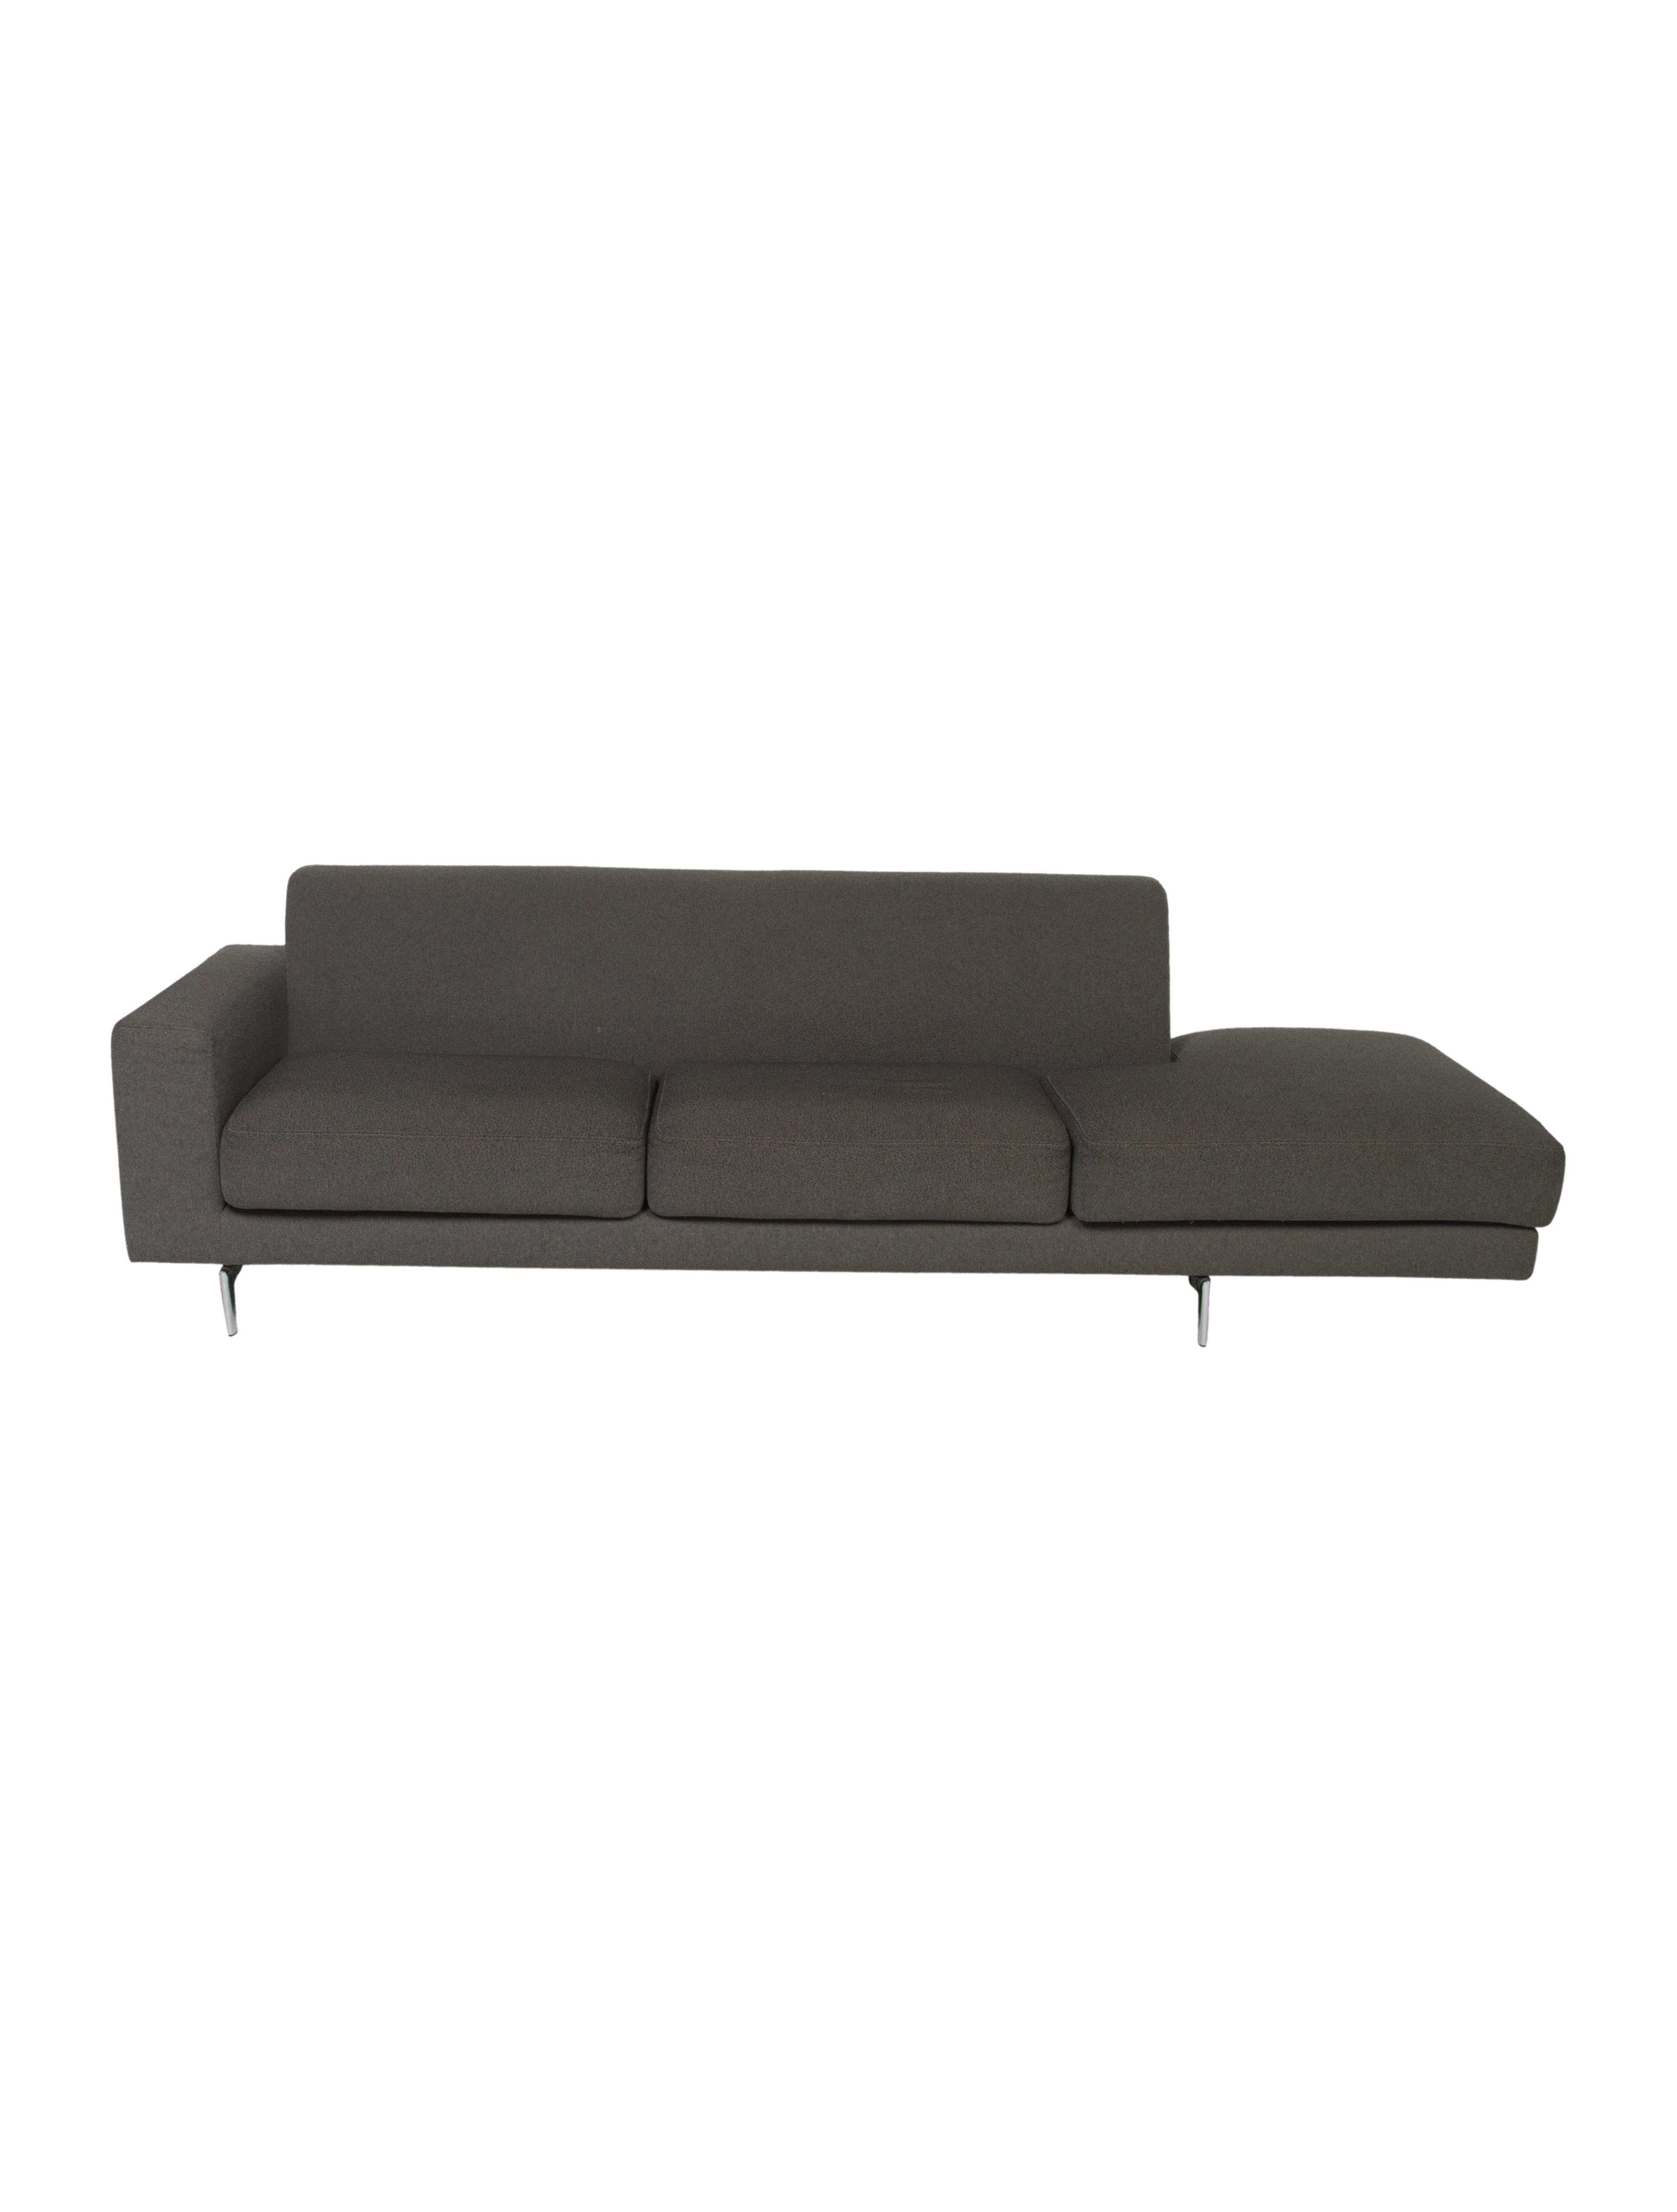 Della Robbia 3 Seat Sofa